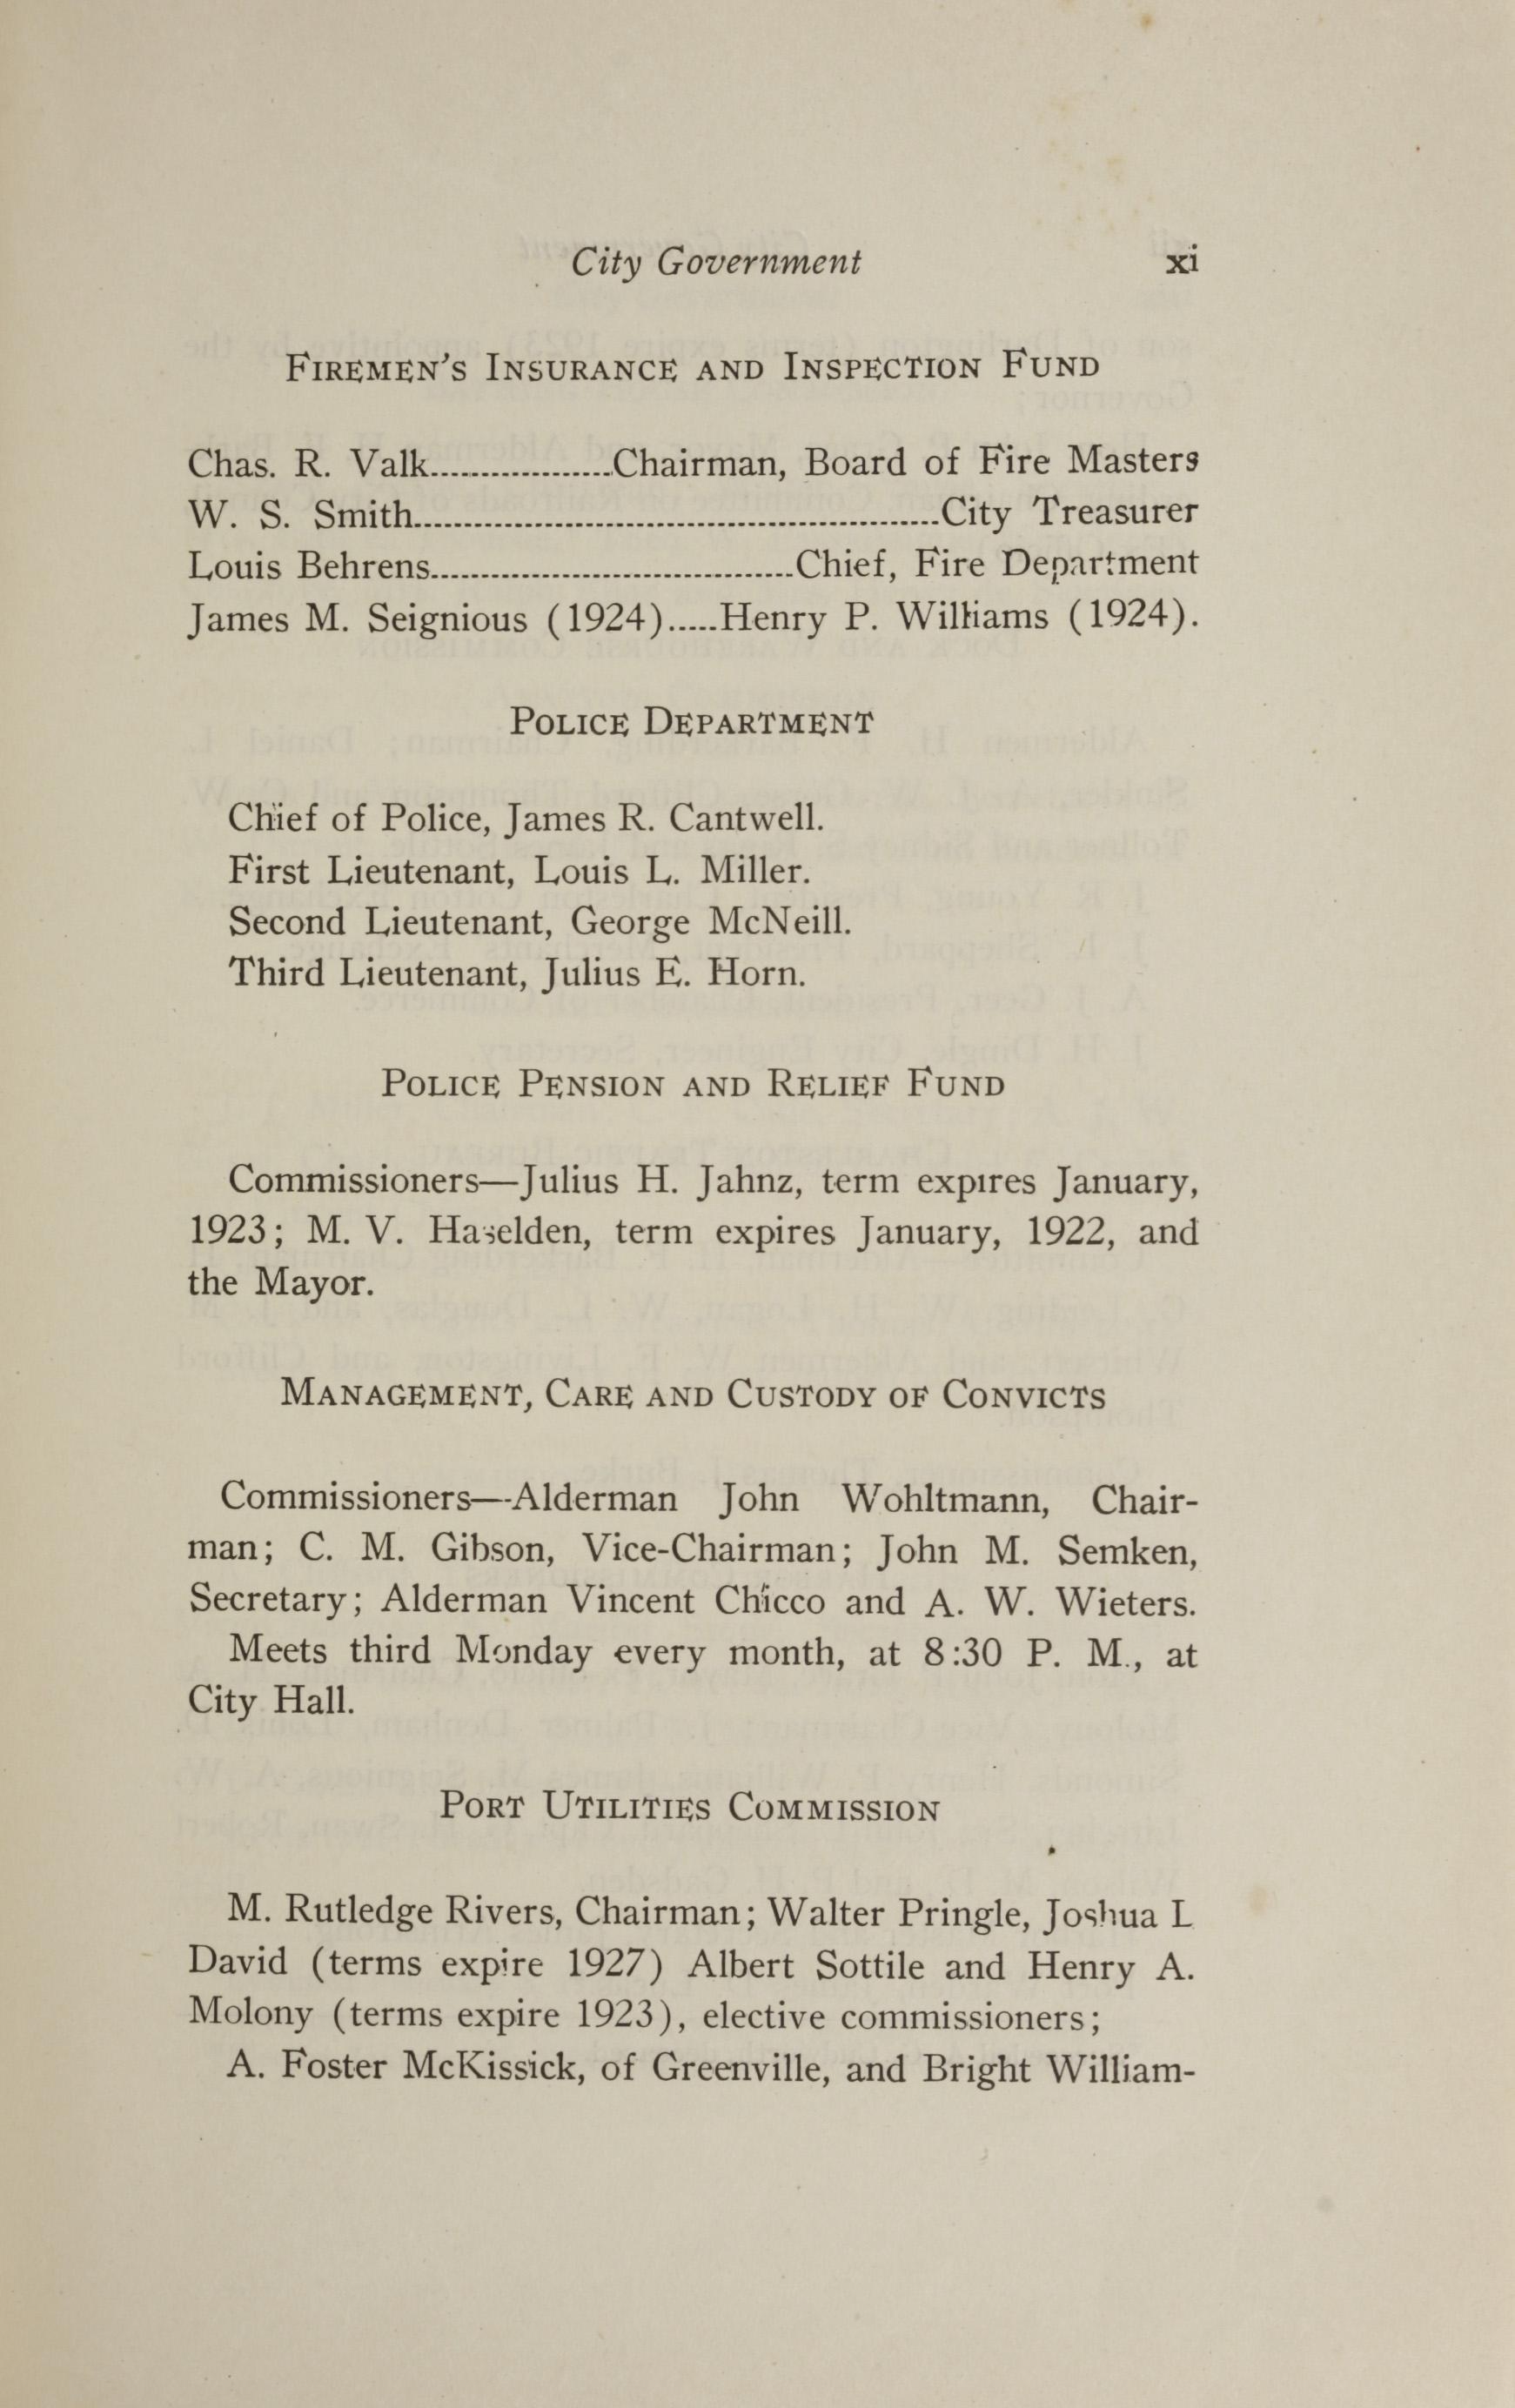 Charleston Yearbook, 1921, page xi